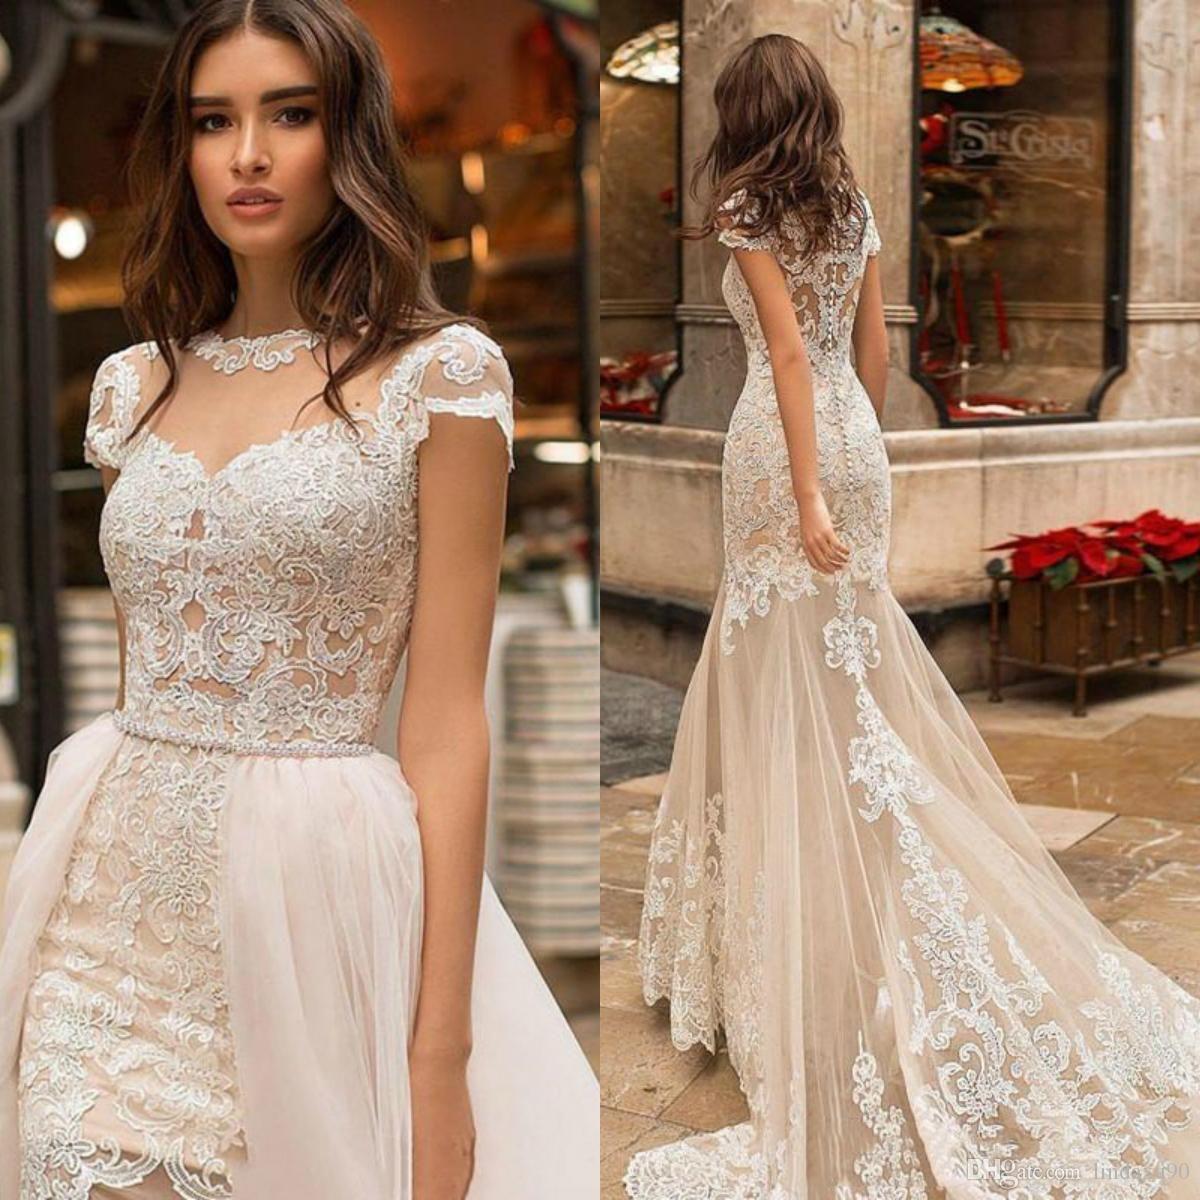 Champagner Sexy Meerjungfrau Brautkleider mit abnehmbarer Zug Spitze Applique Kurze Ärmeln Hochzeitskleid Brautkleider Vestido de Noiva